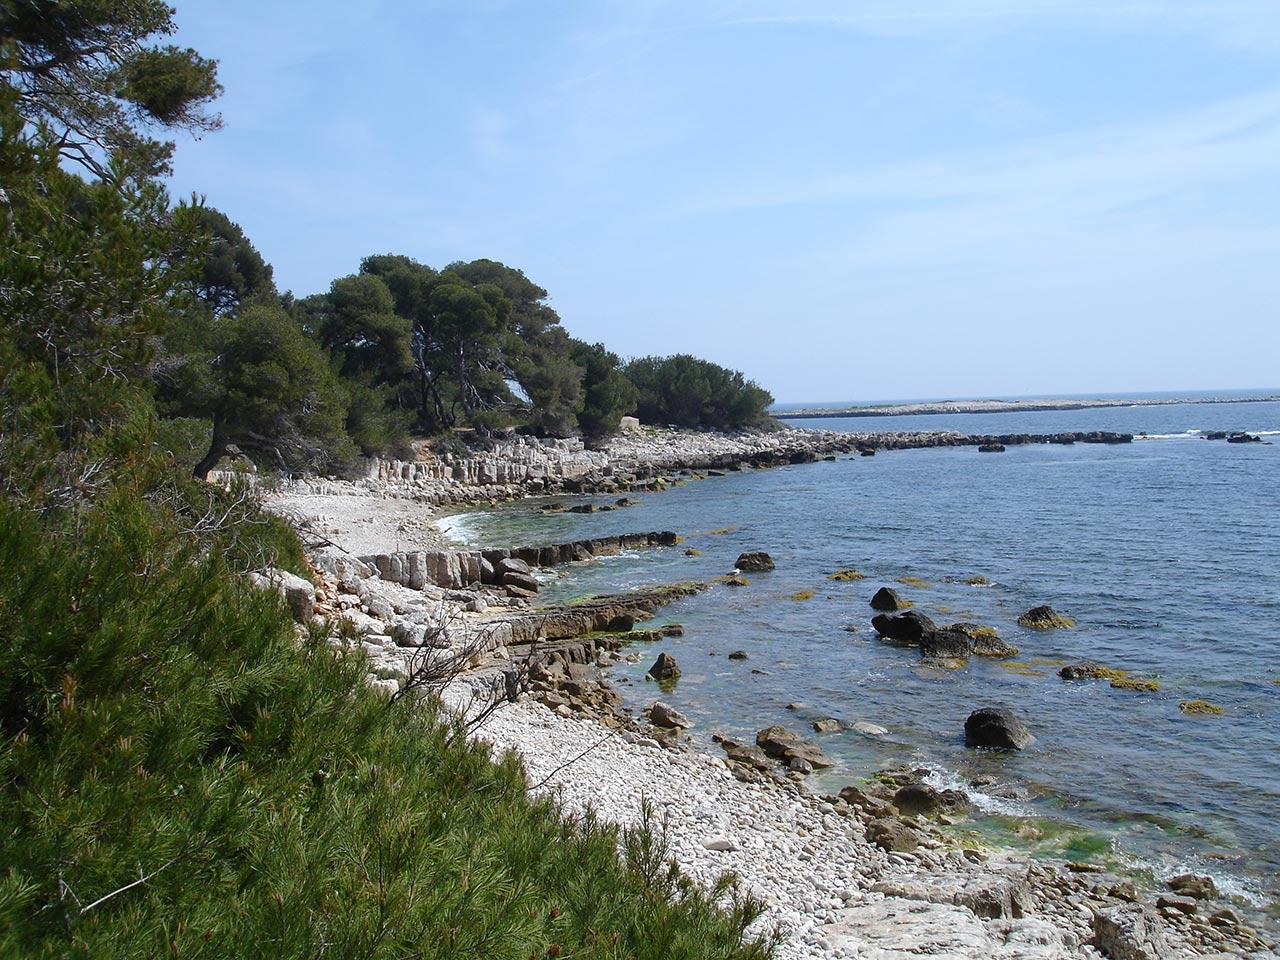 Pontos turísticos de Cannes à beira-mar